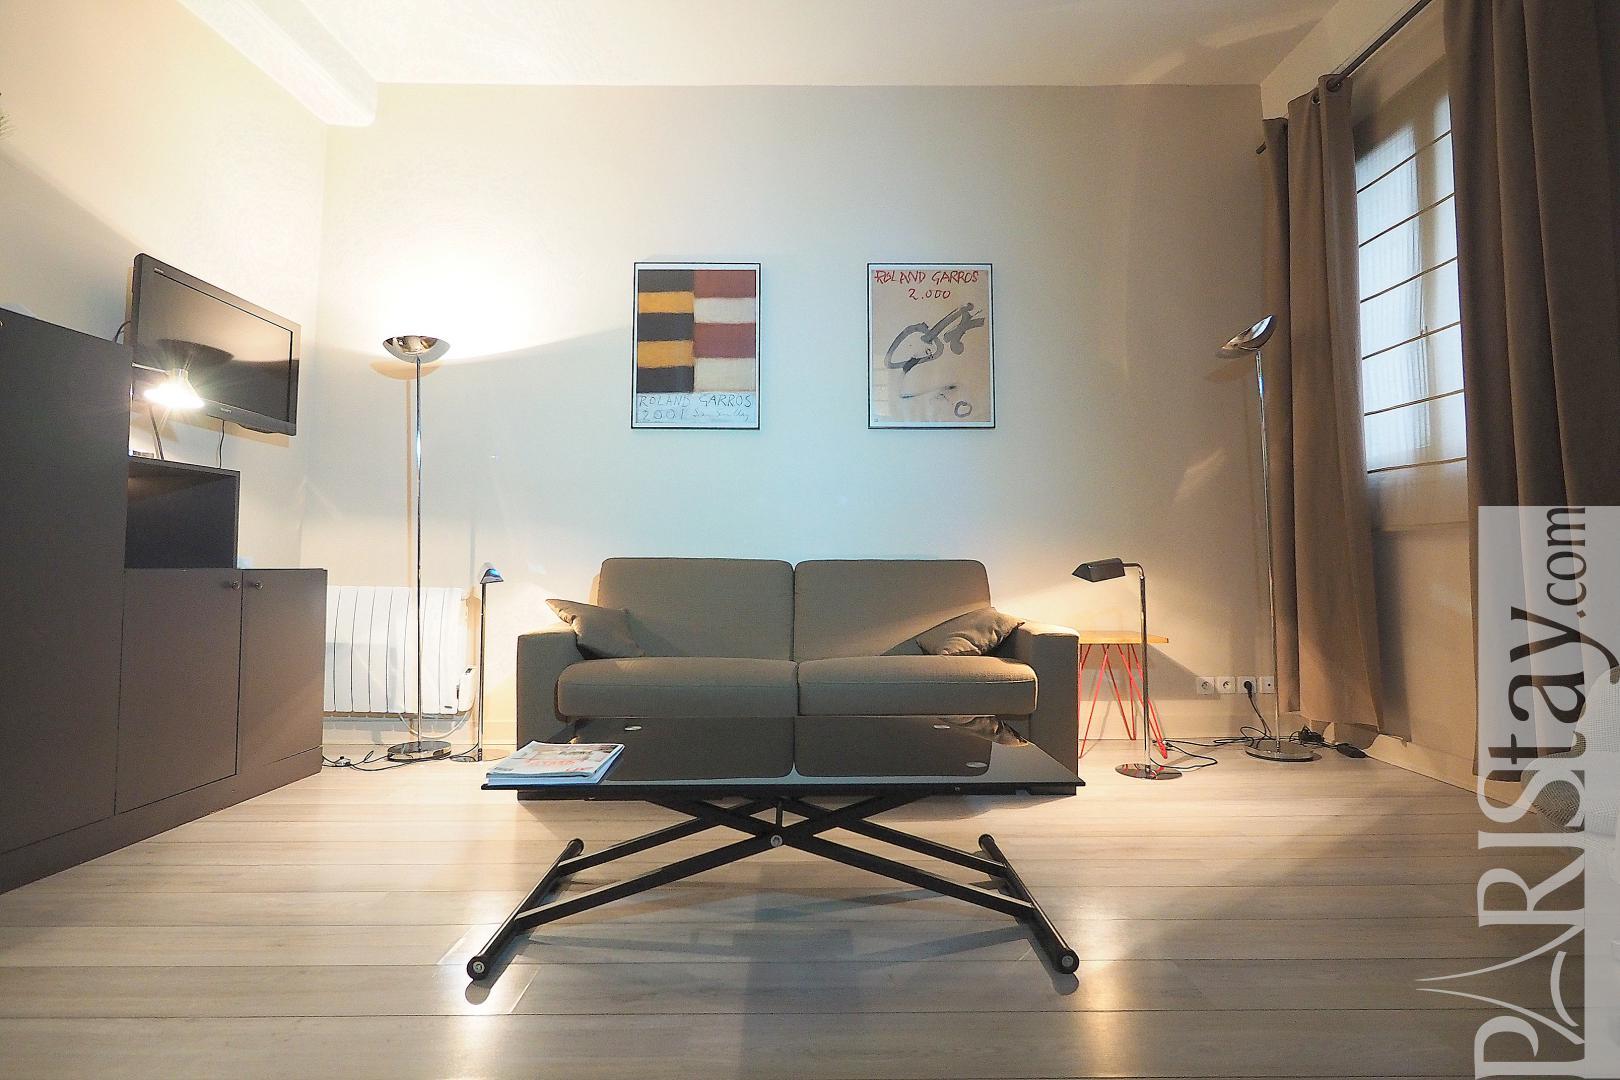 location appartement meubles paris montorgueil 75002 t1. Black Bedroom Furniture Sets. Home Design Ideas